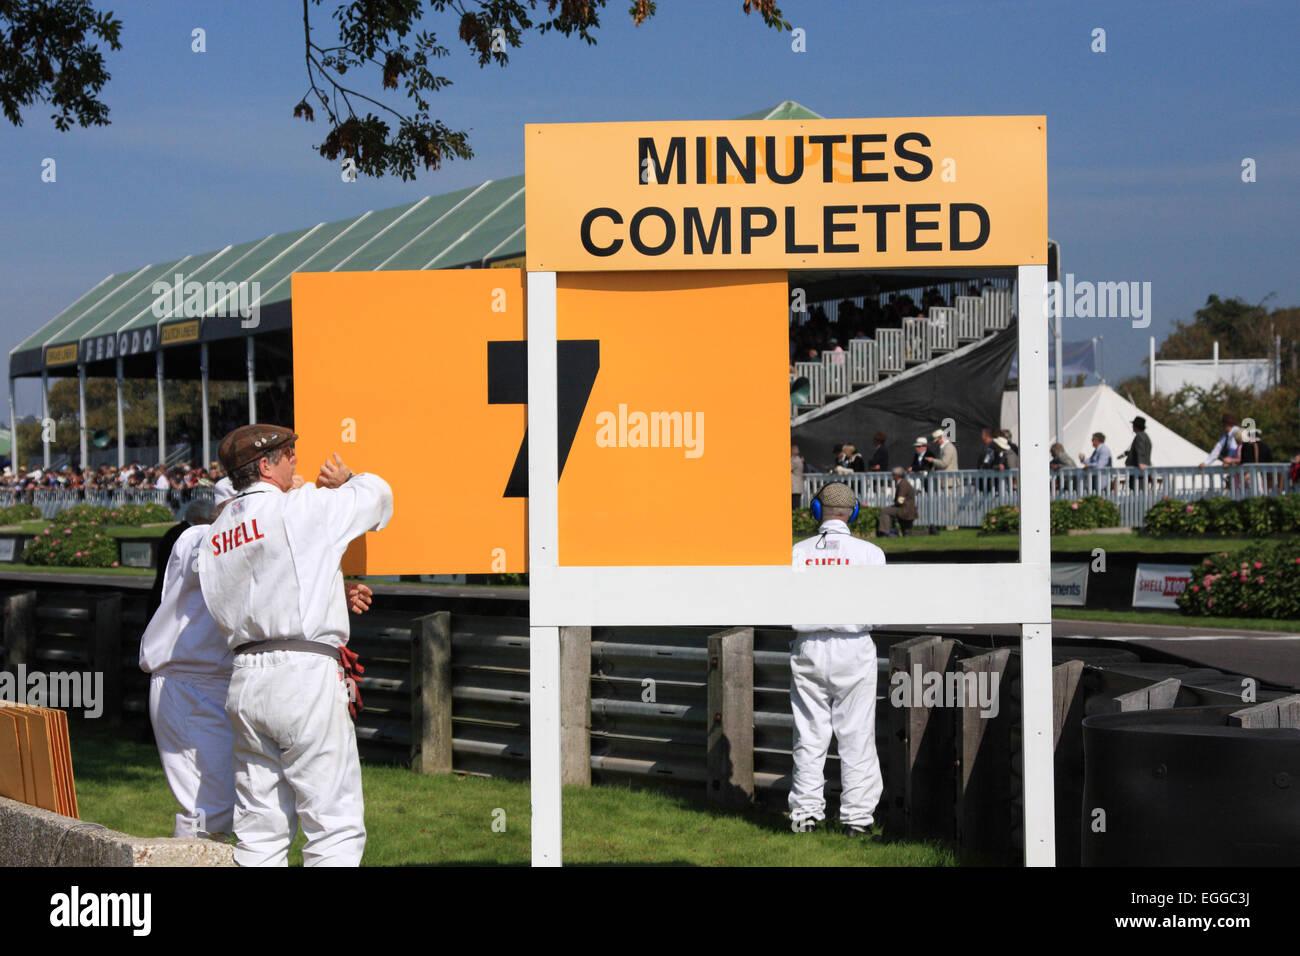 Die verstrichene Zeit während der Rennen eines Satzes Dauer wird kurz nach der Ziellinie angezeigt / Goodwood Stockbild